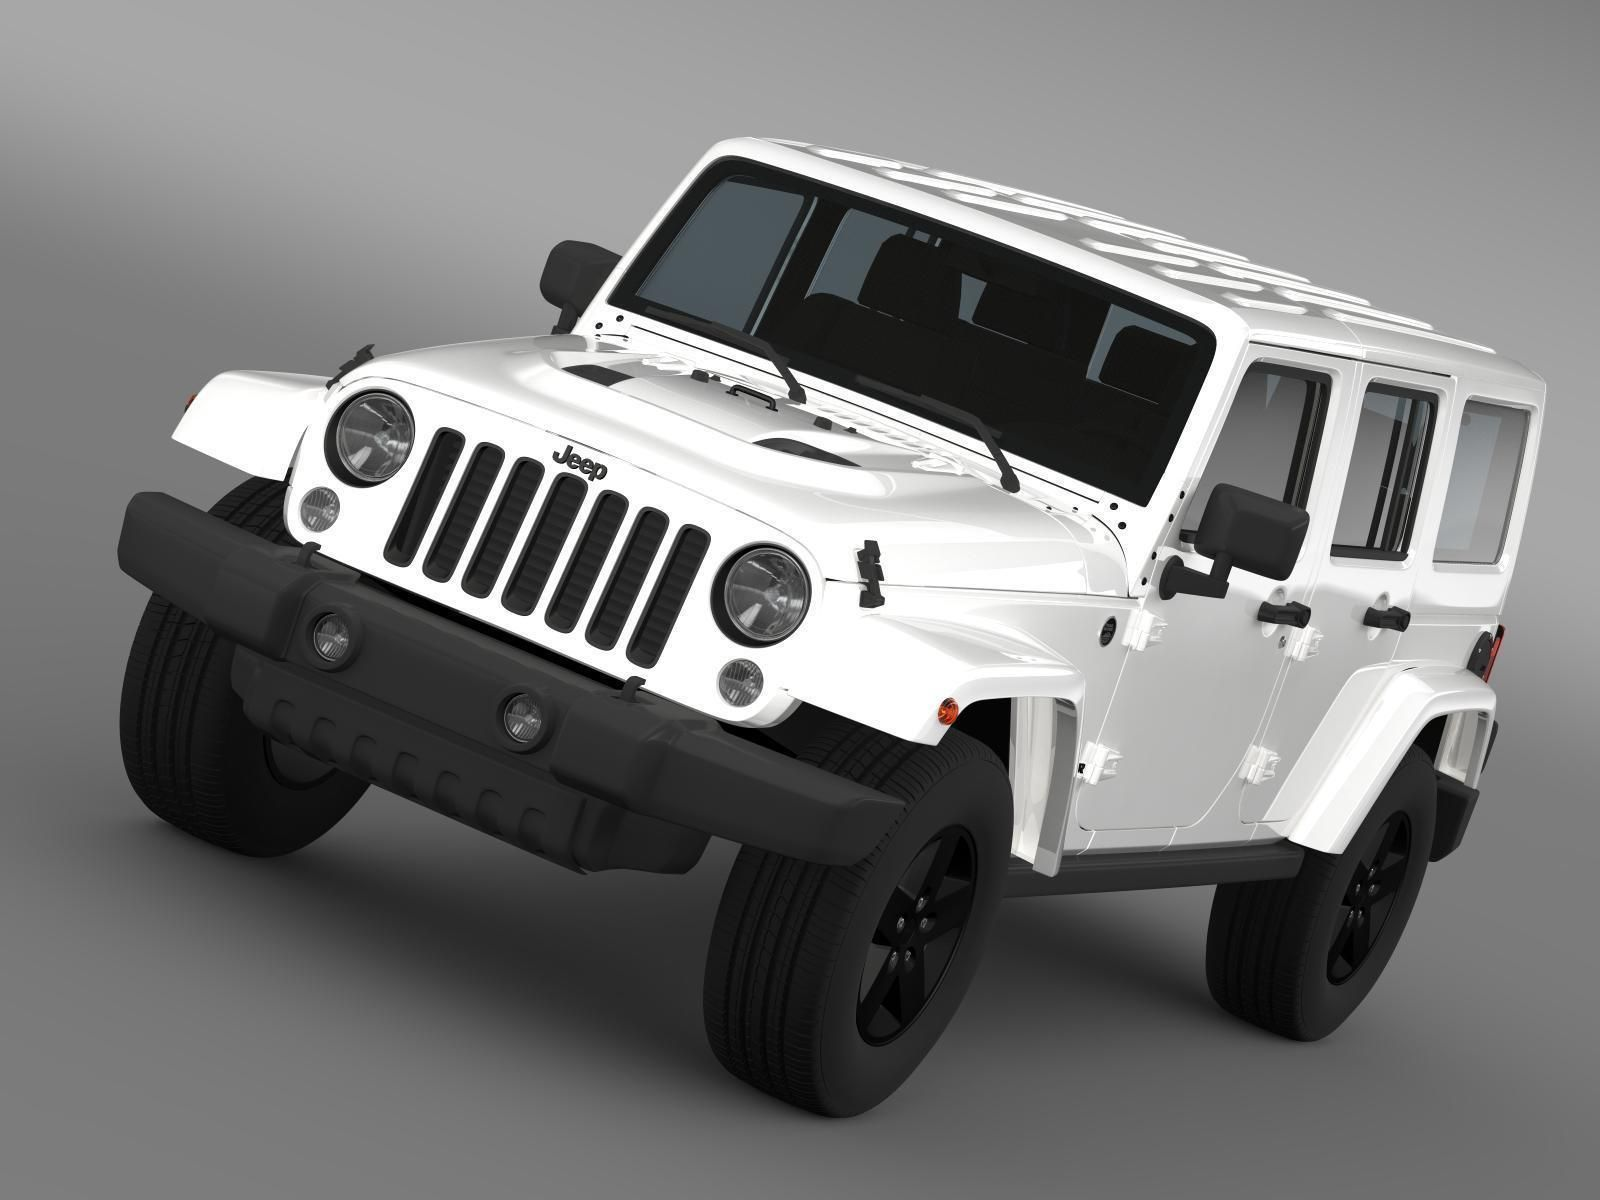 jeep wrangler unlimited 2015. jeep wrangler unlimited x 2015 3d model max obj 3ds fbx c4d lwo lw lws 1 i